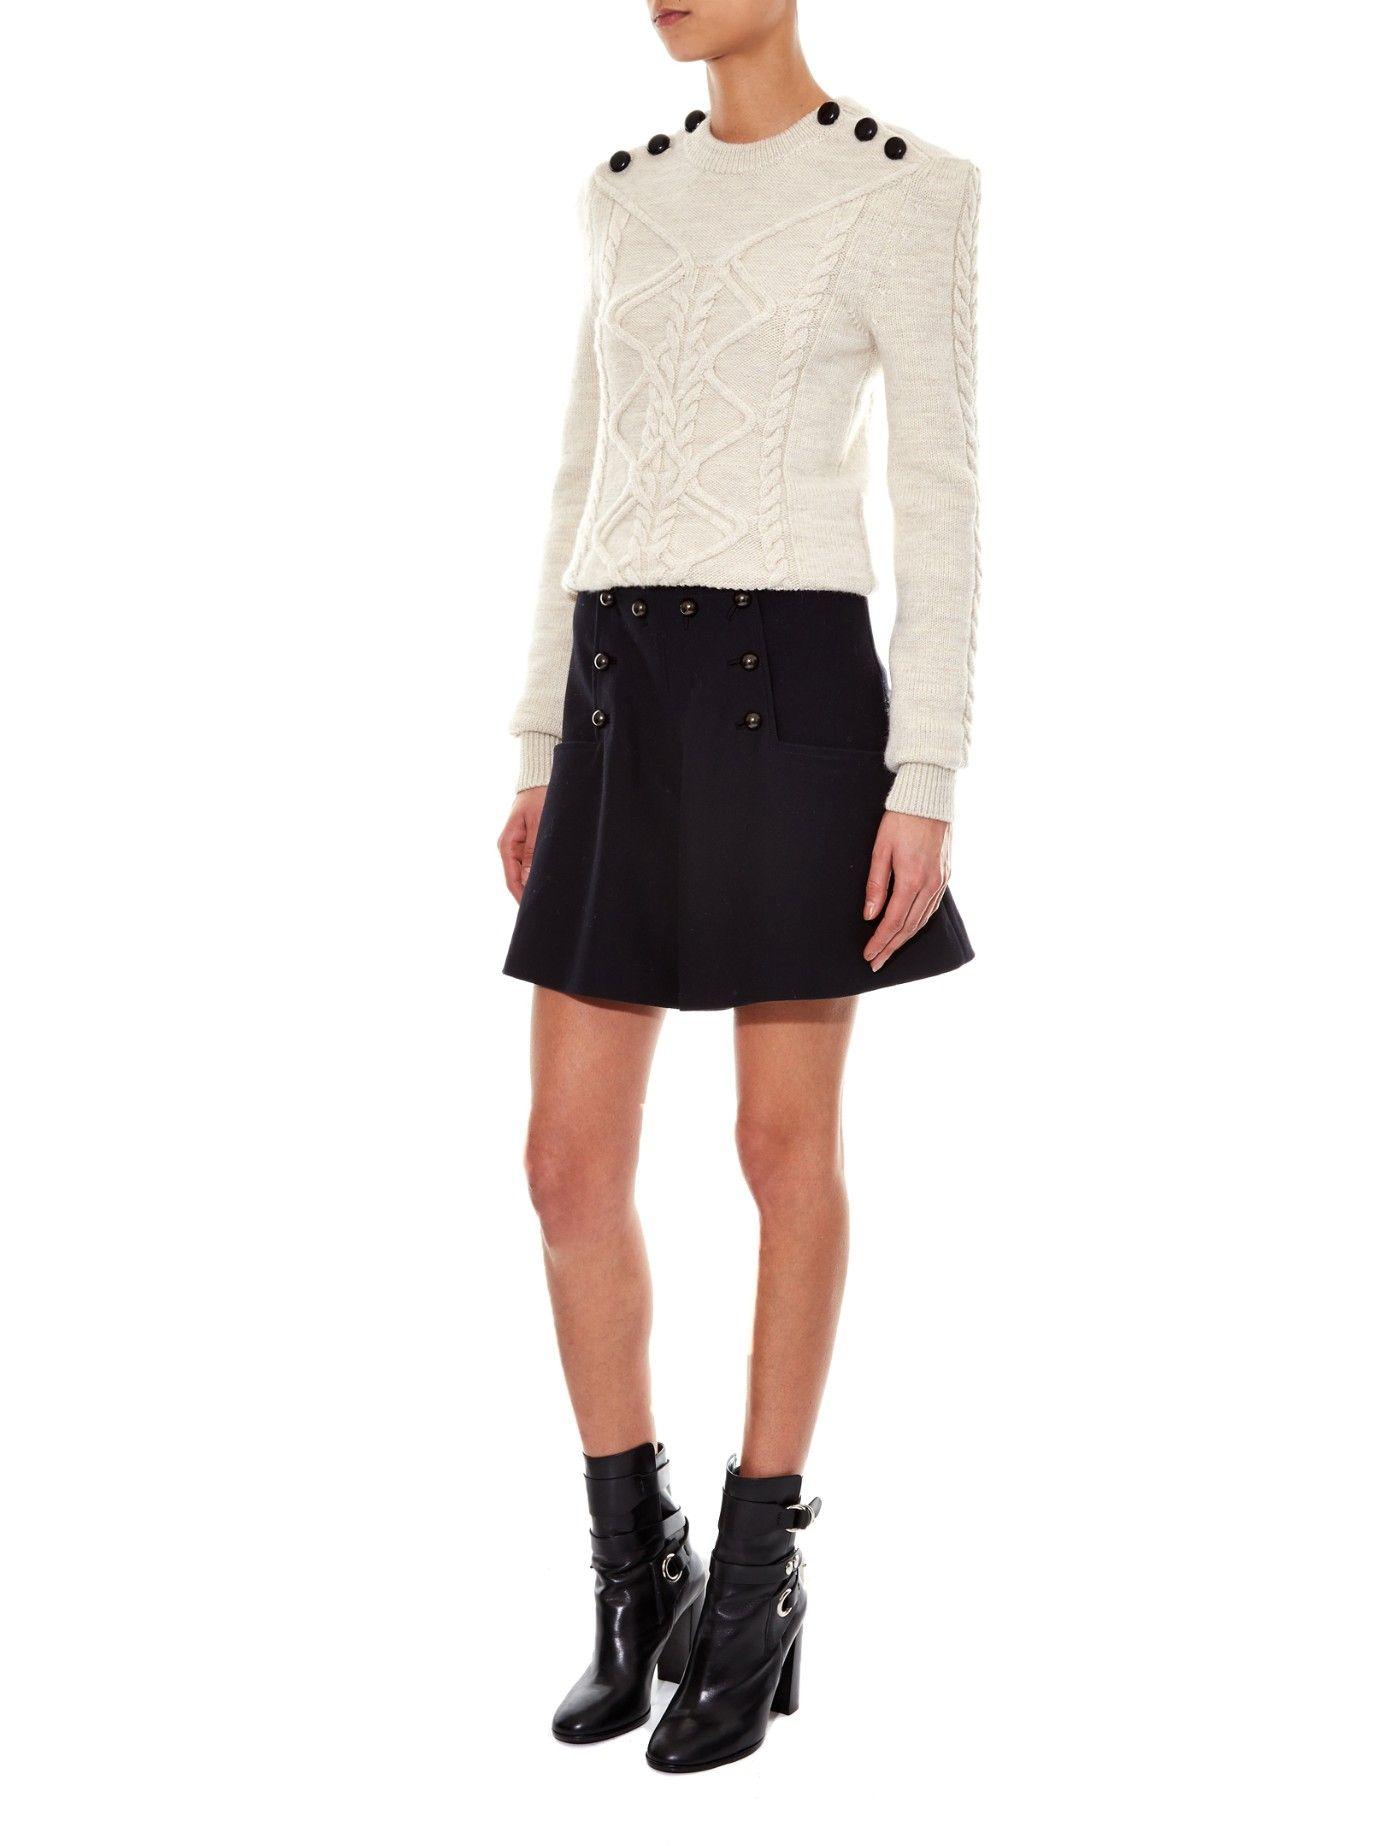 Dustin cable-knit sweater | Isabel Marant | MATCHESFASHION.COM UK